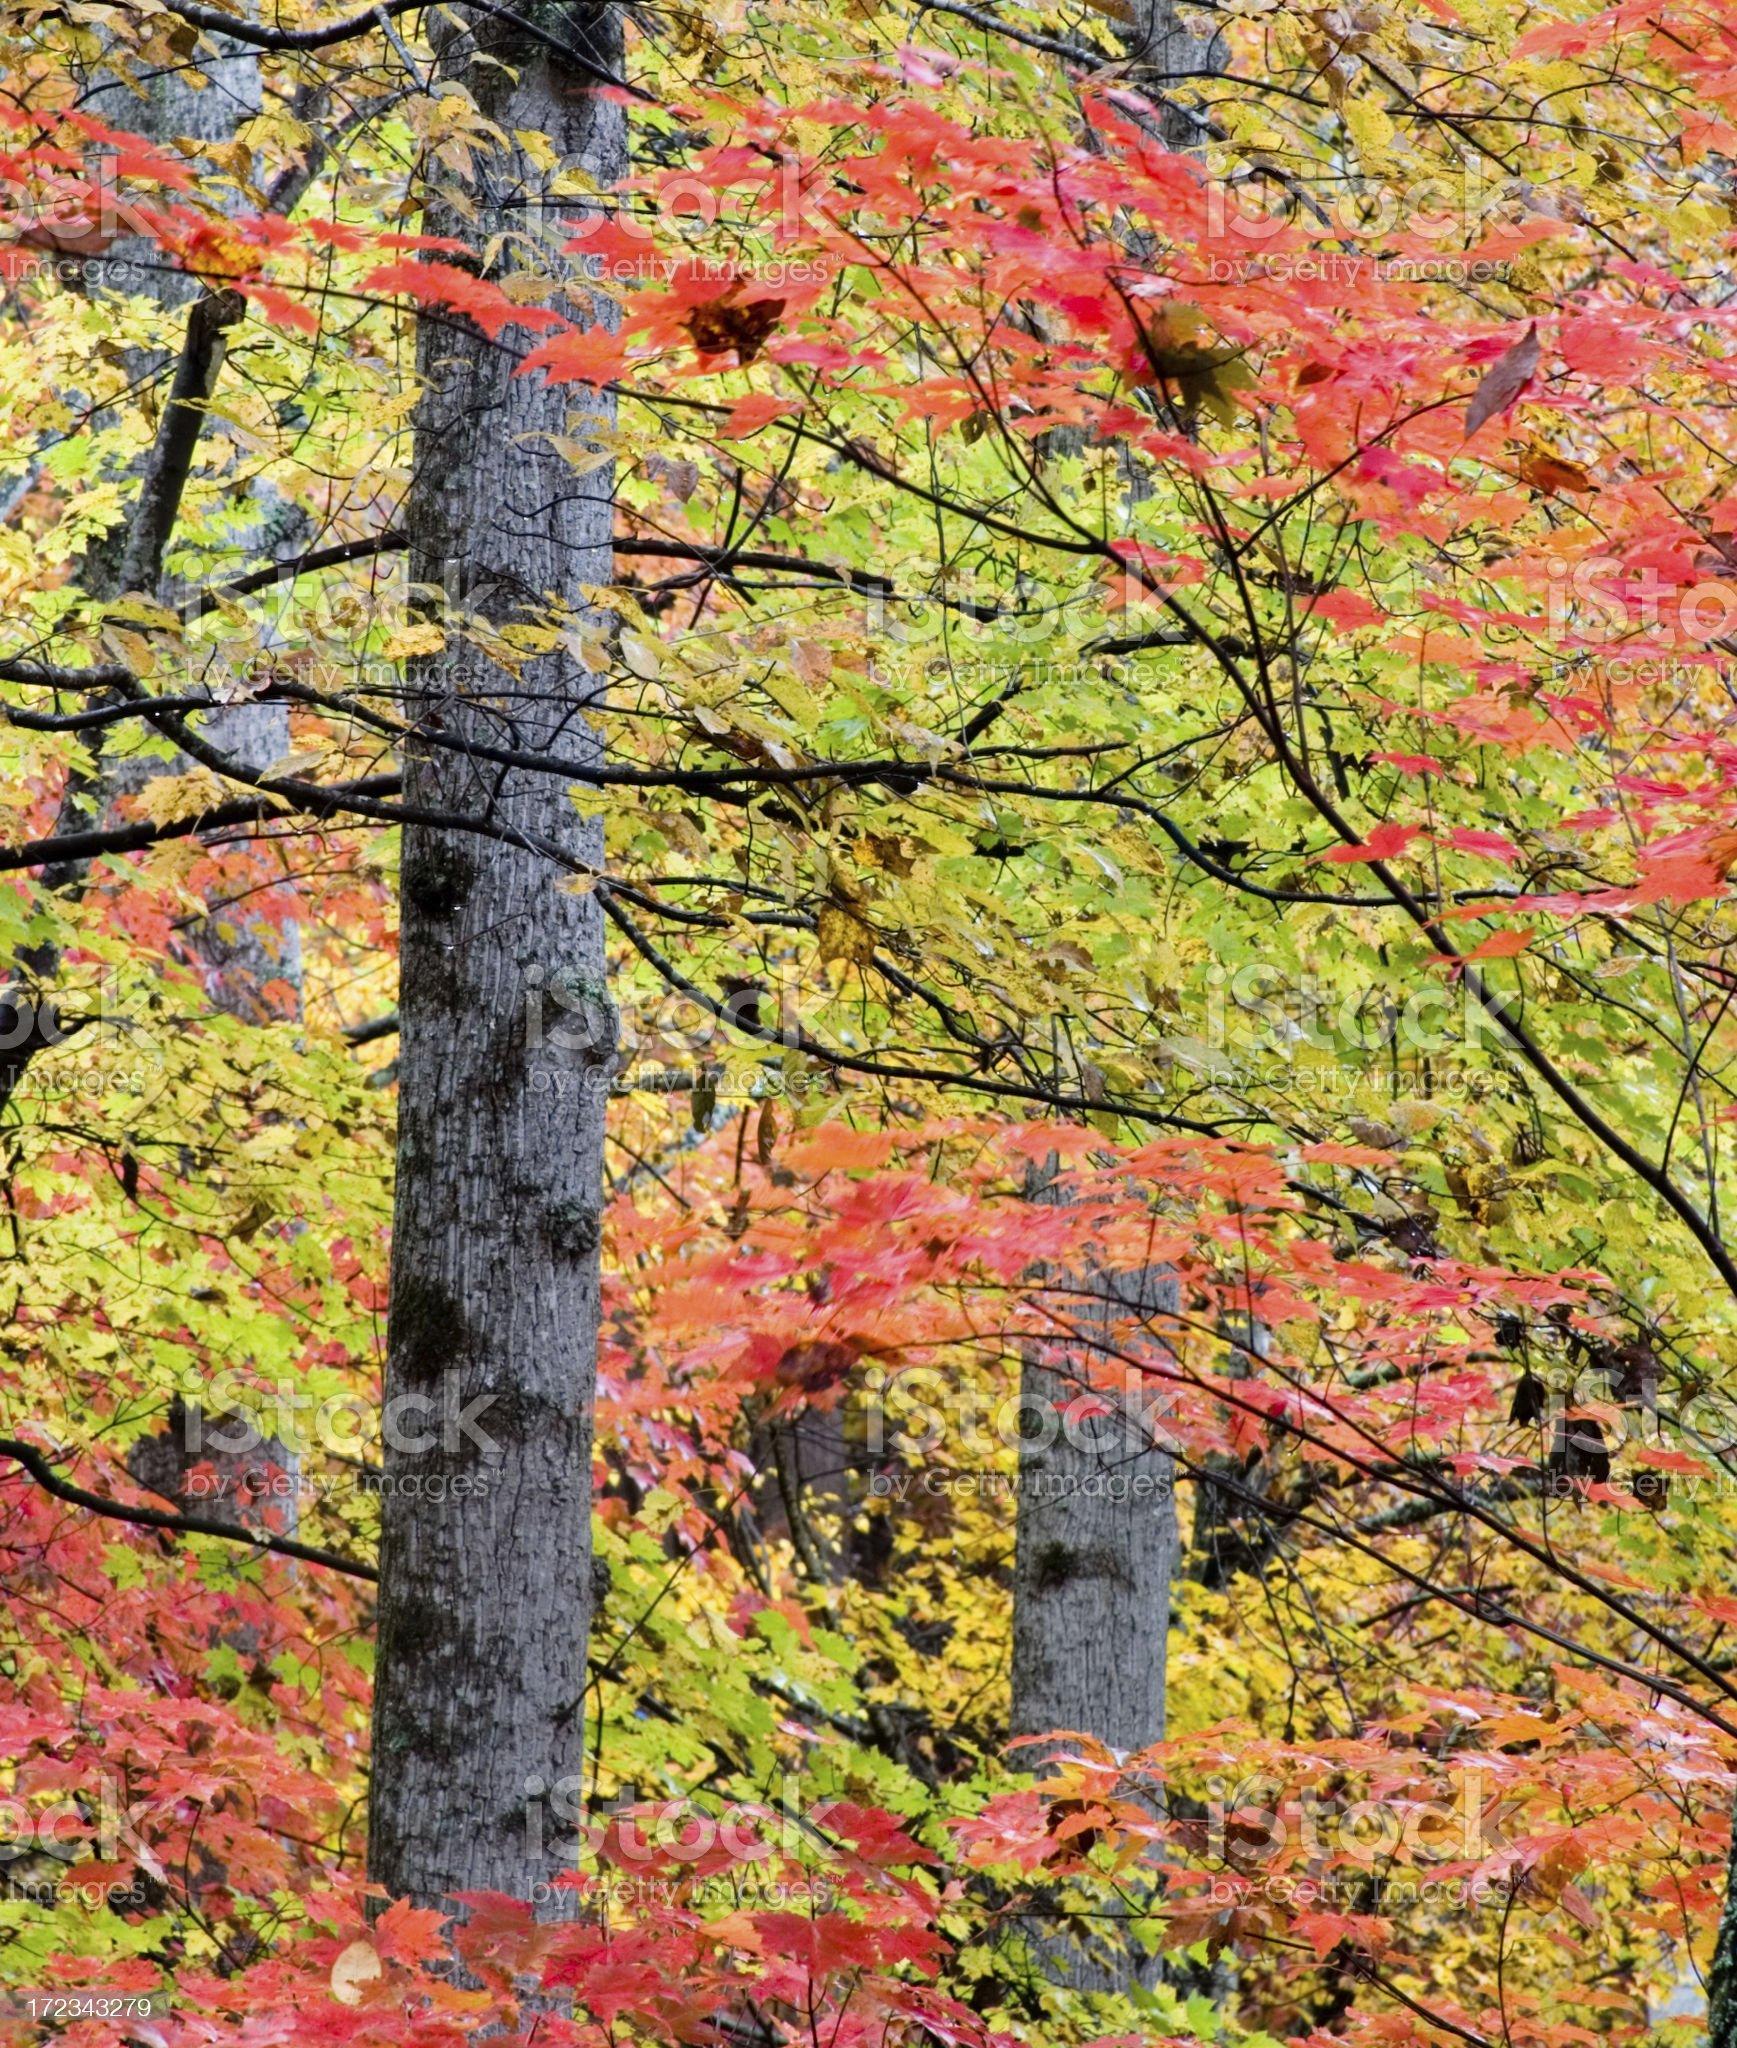 Autumn Beauty royalty-free stock photo